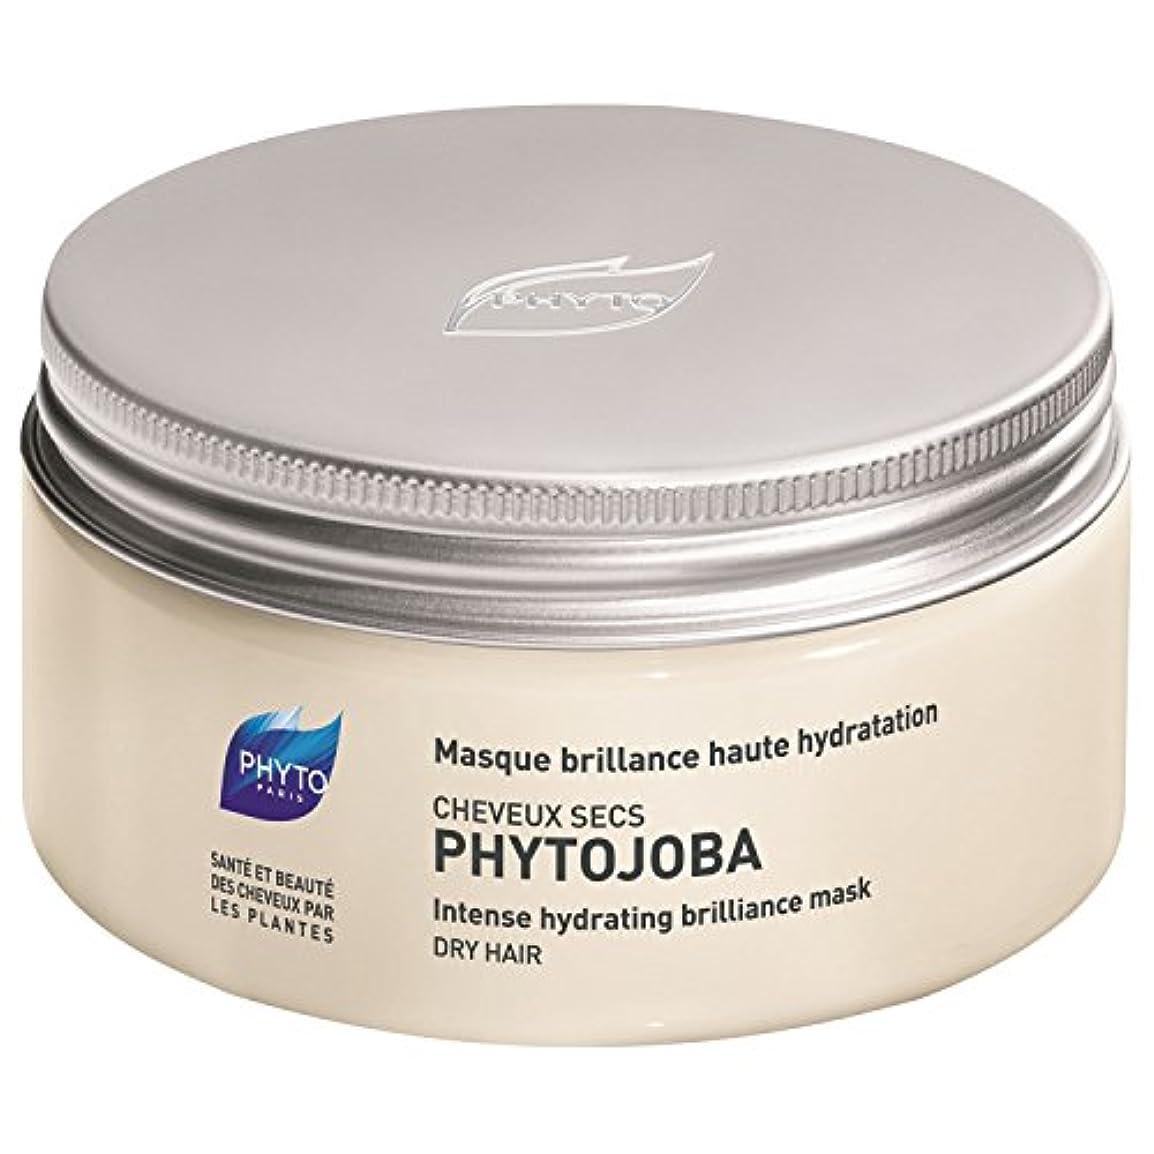 挨拶する側面ブースフィトPhytojoba強烈な水分補給マスク200ミリリットル (Phyto) (x2) - Phyto Phytojoba Intense Hydrating Mask 200ml (Pack of 2) [並行輸入品]